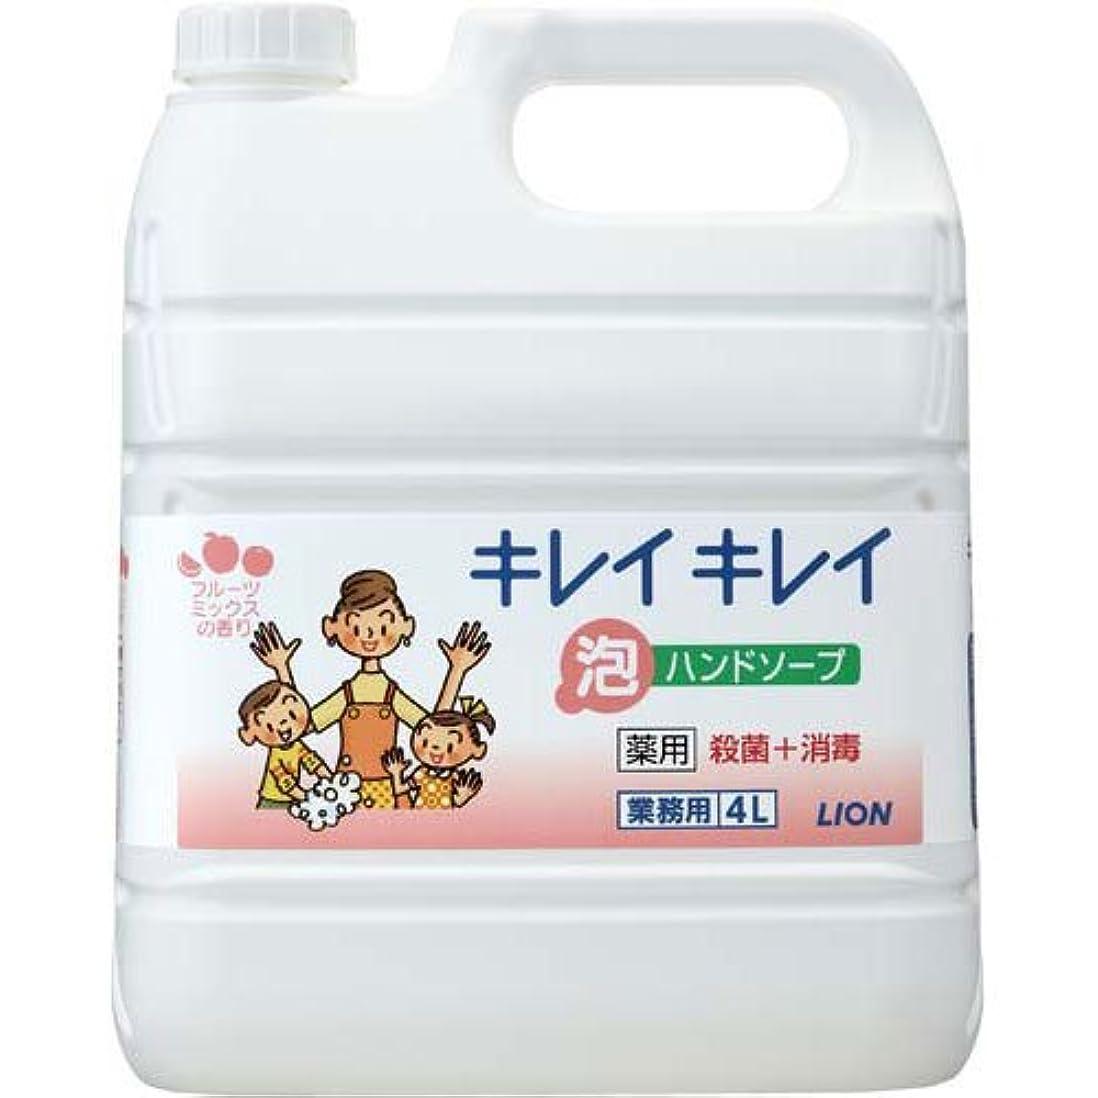 アルコールアフリカ人かなりライオンハイジーン キレイキレイ薬用泡ハンドSフルーツM詰替4L×3本